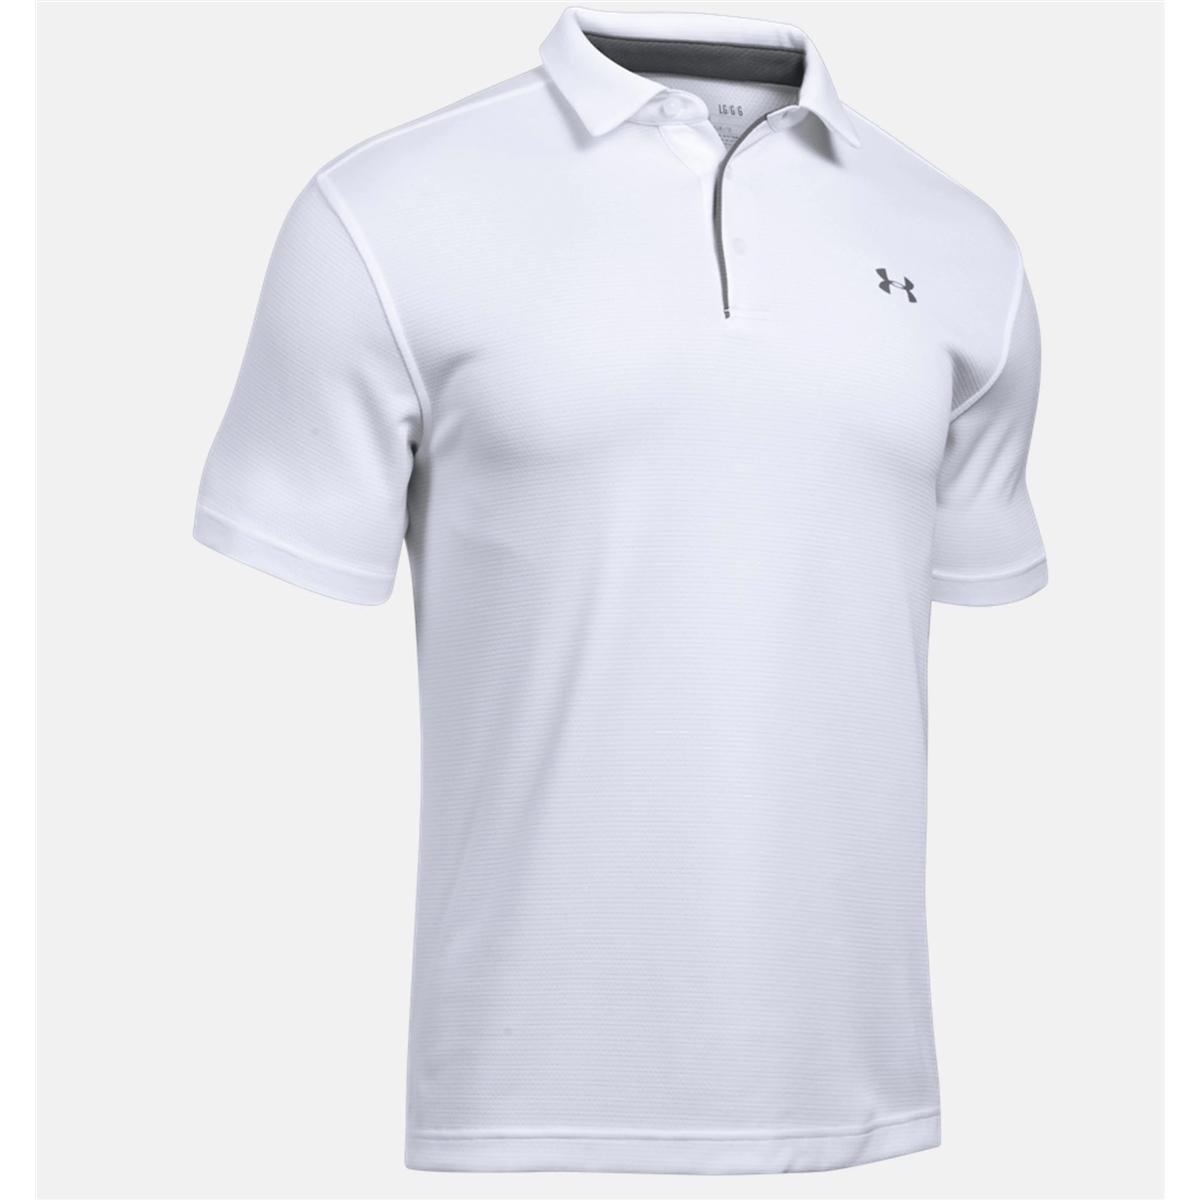 fd18ee3da82 Camisa Polo Under Armour Tech Masculina - Compre Agora